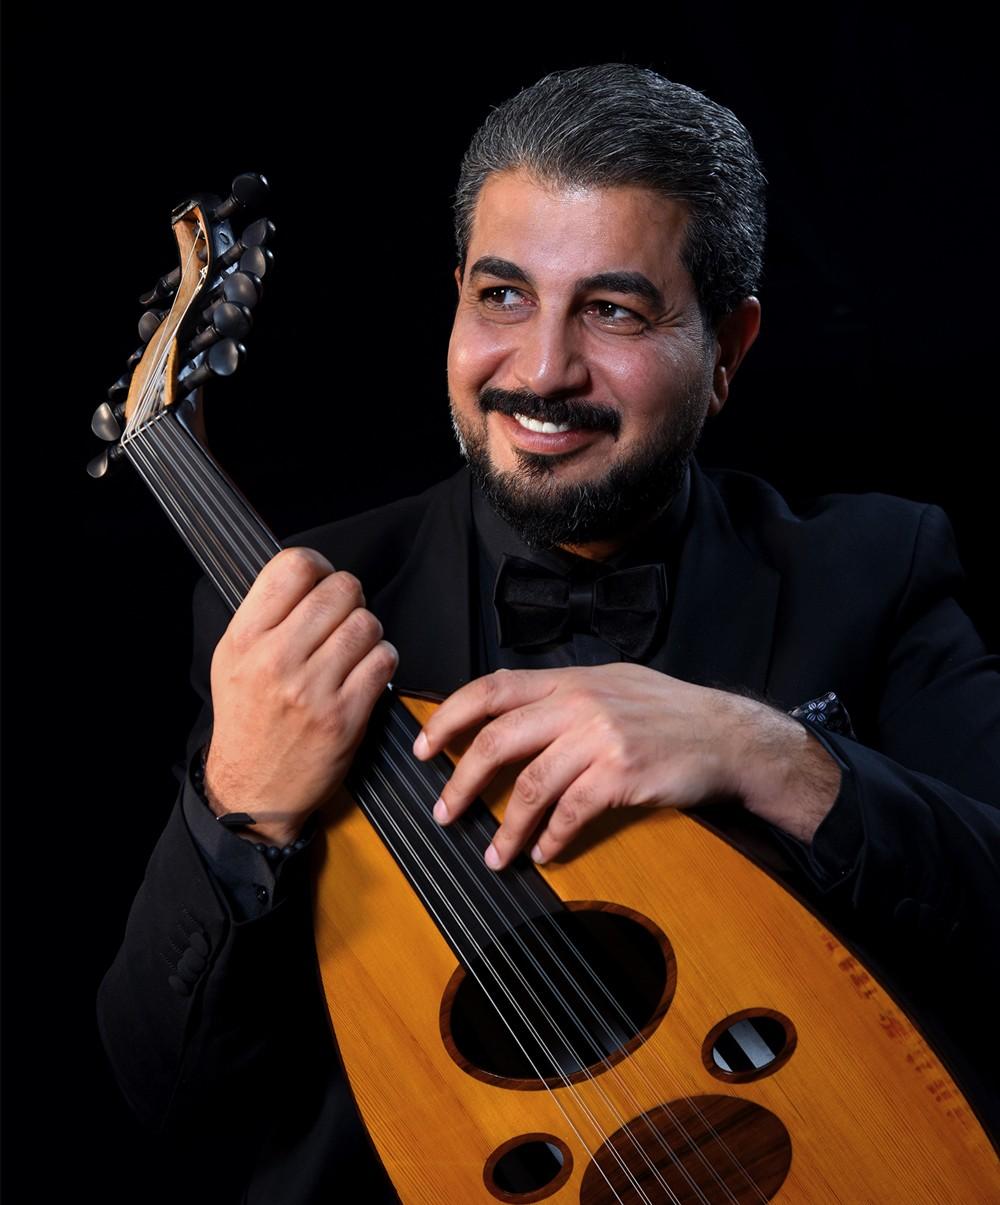 حفل موسيقي للموسيقار العراقي مصطفى زاير